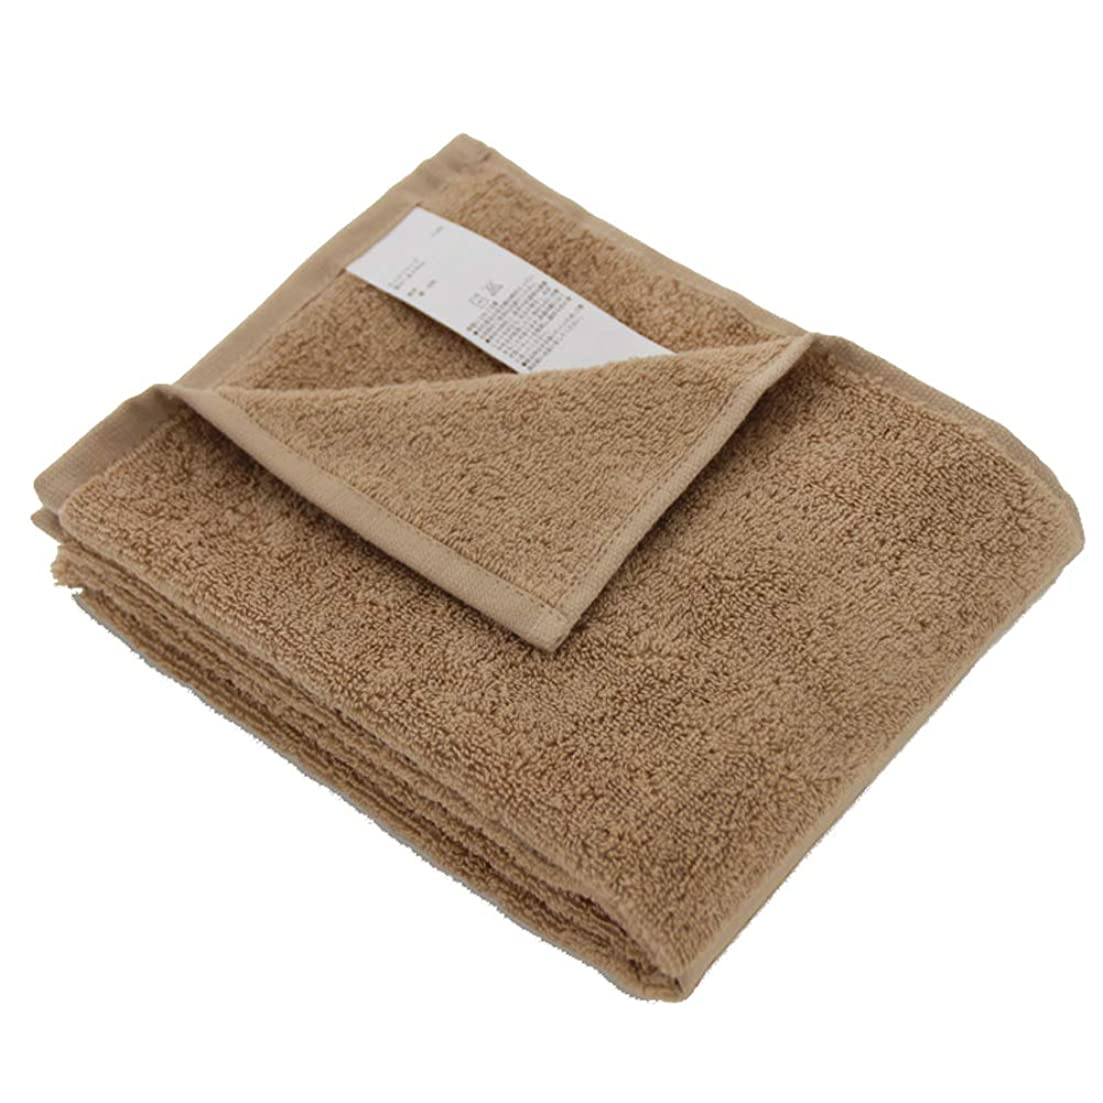 豪華な行き当たりばったり事実上URVIP フェイスタオル 洗面用 2枚セット 瞬間吸水 34㎝*85㎝ 綿100% 無地 ブラウン